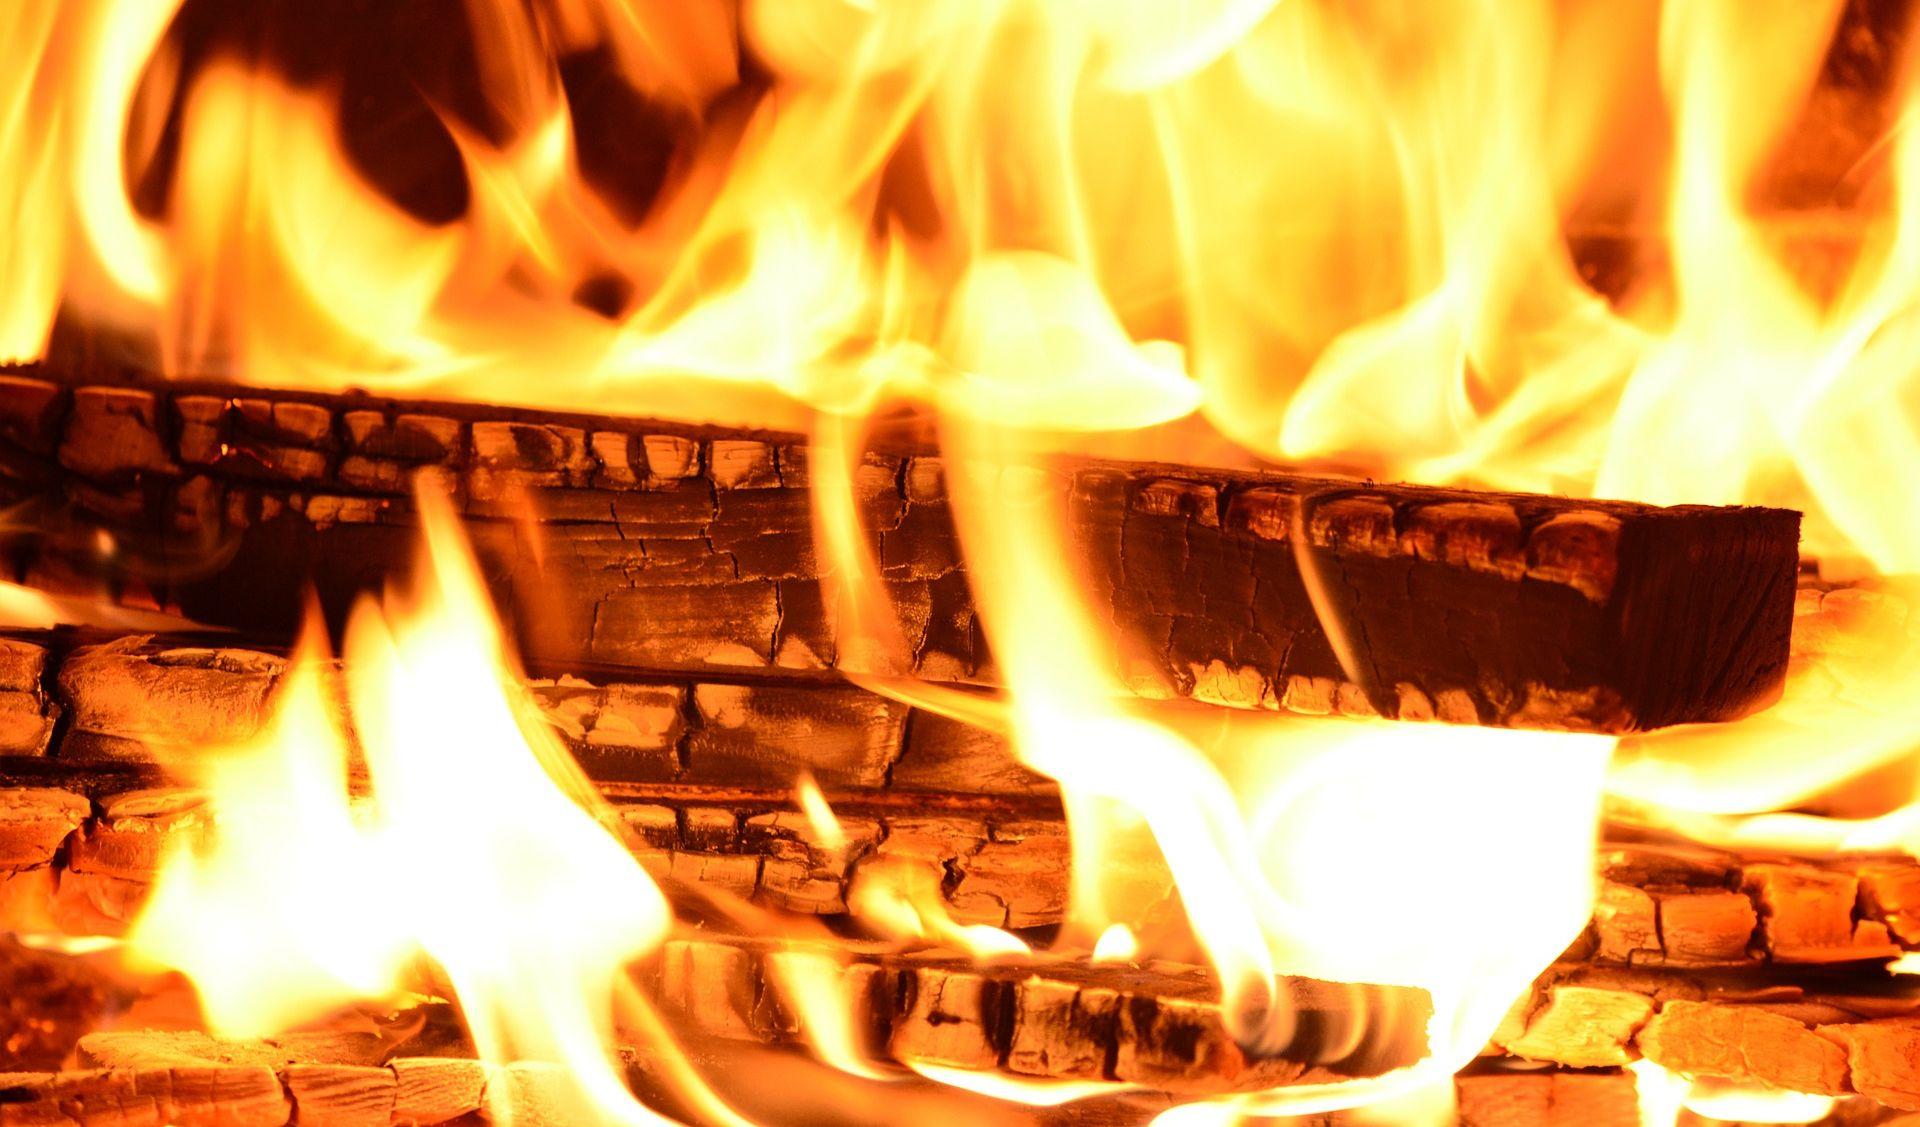 POŽAR U DICMU Izgorjela stara kuća puna otpada